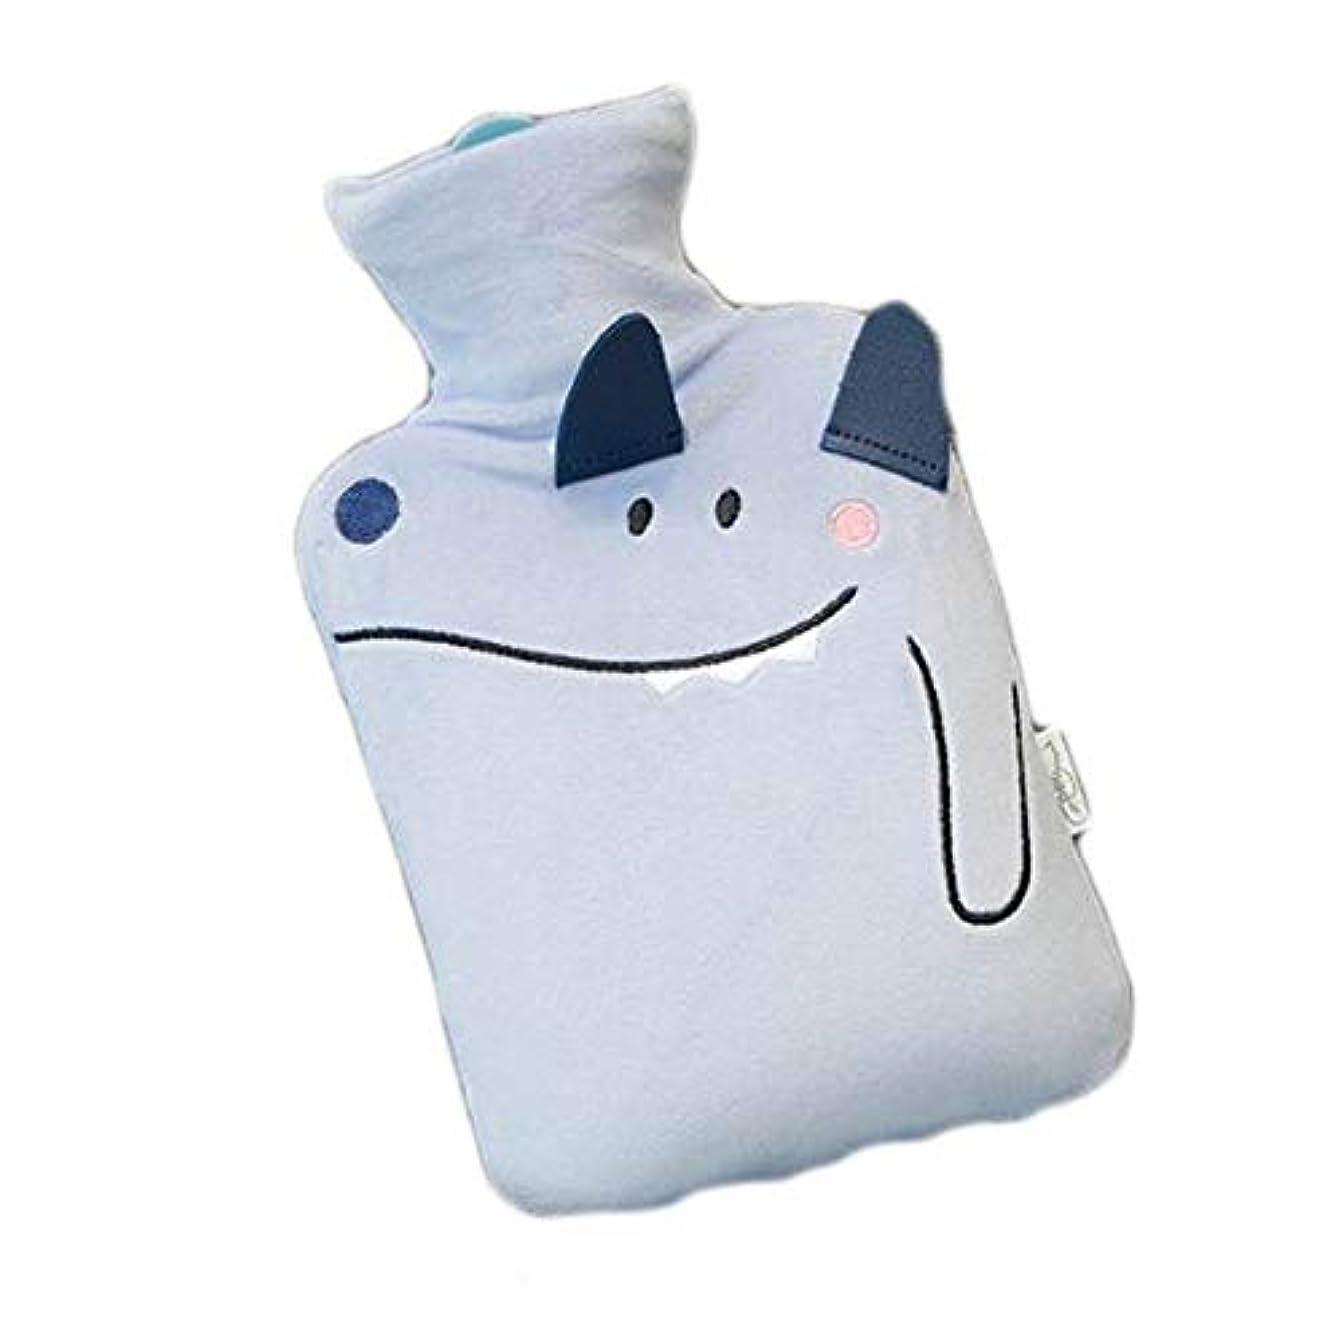 気を散らす悪意顔料ラブリーホットウォーターボトル暖かいアイテムを保つホットウォーターボトル400 ML